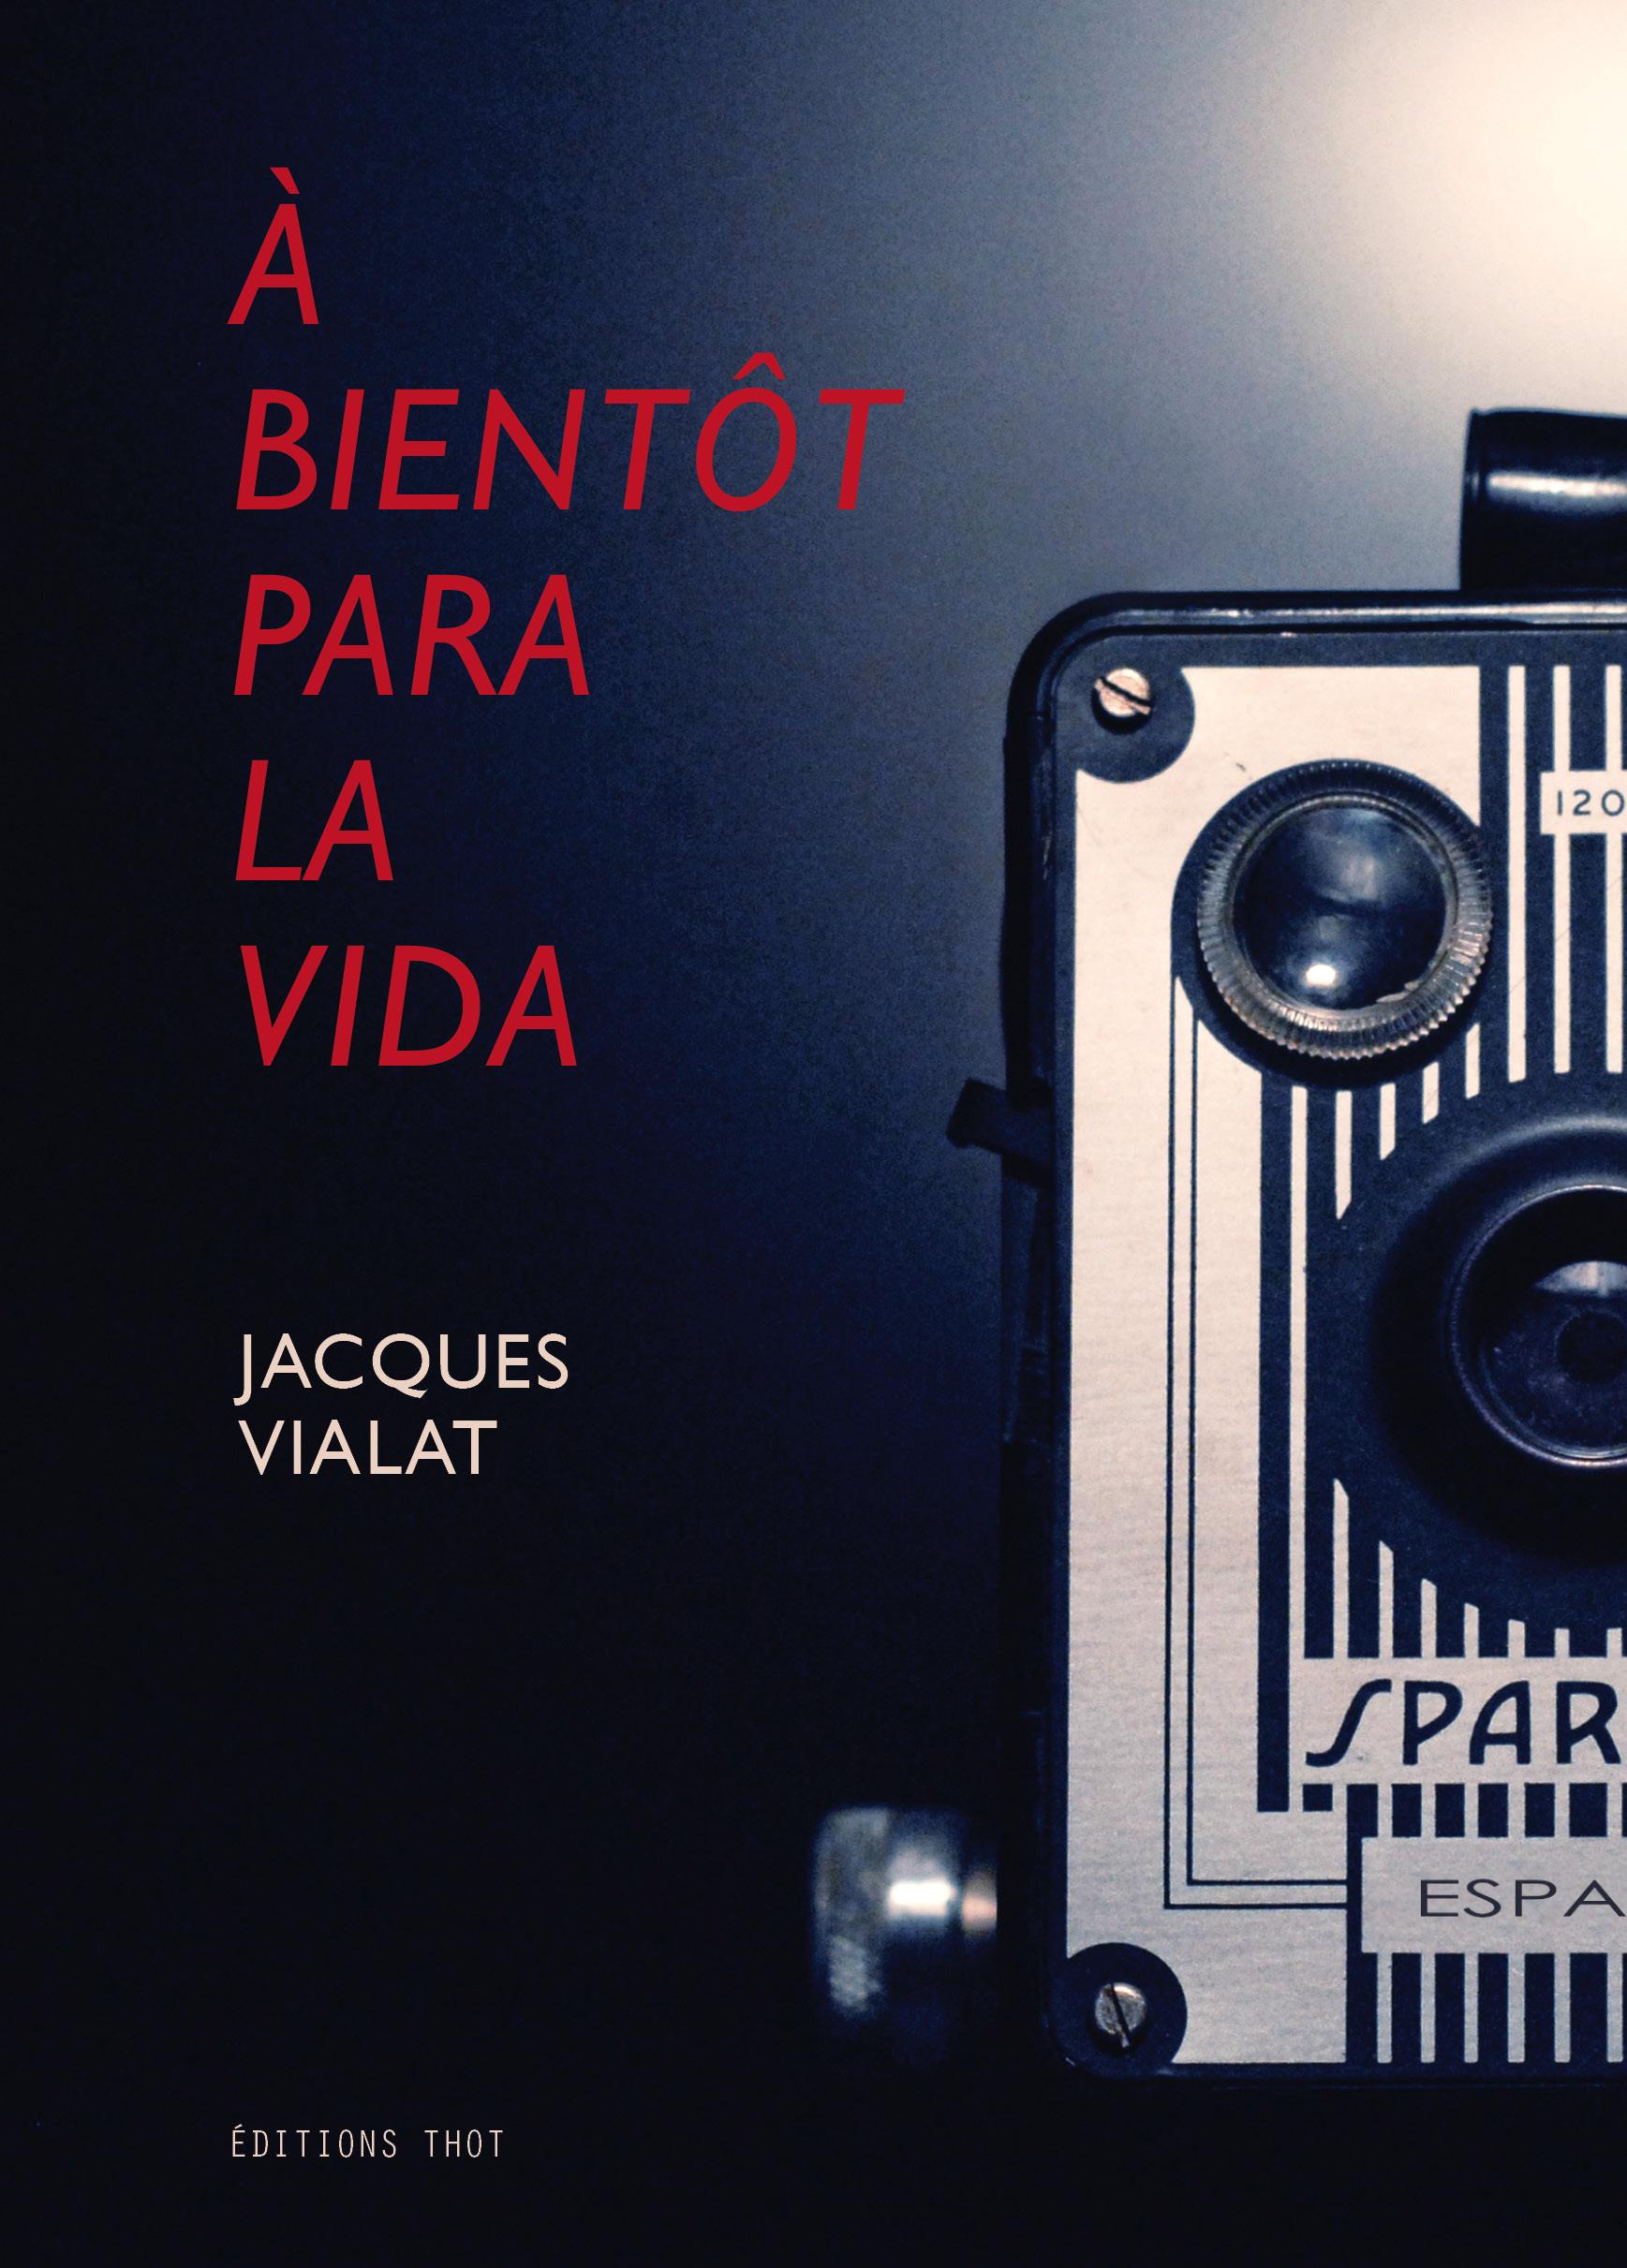 À bientôt para la vida de Jacques Vialat